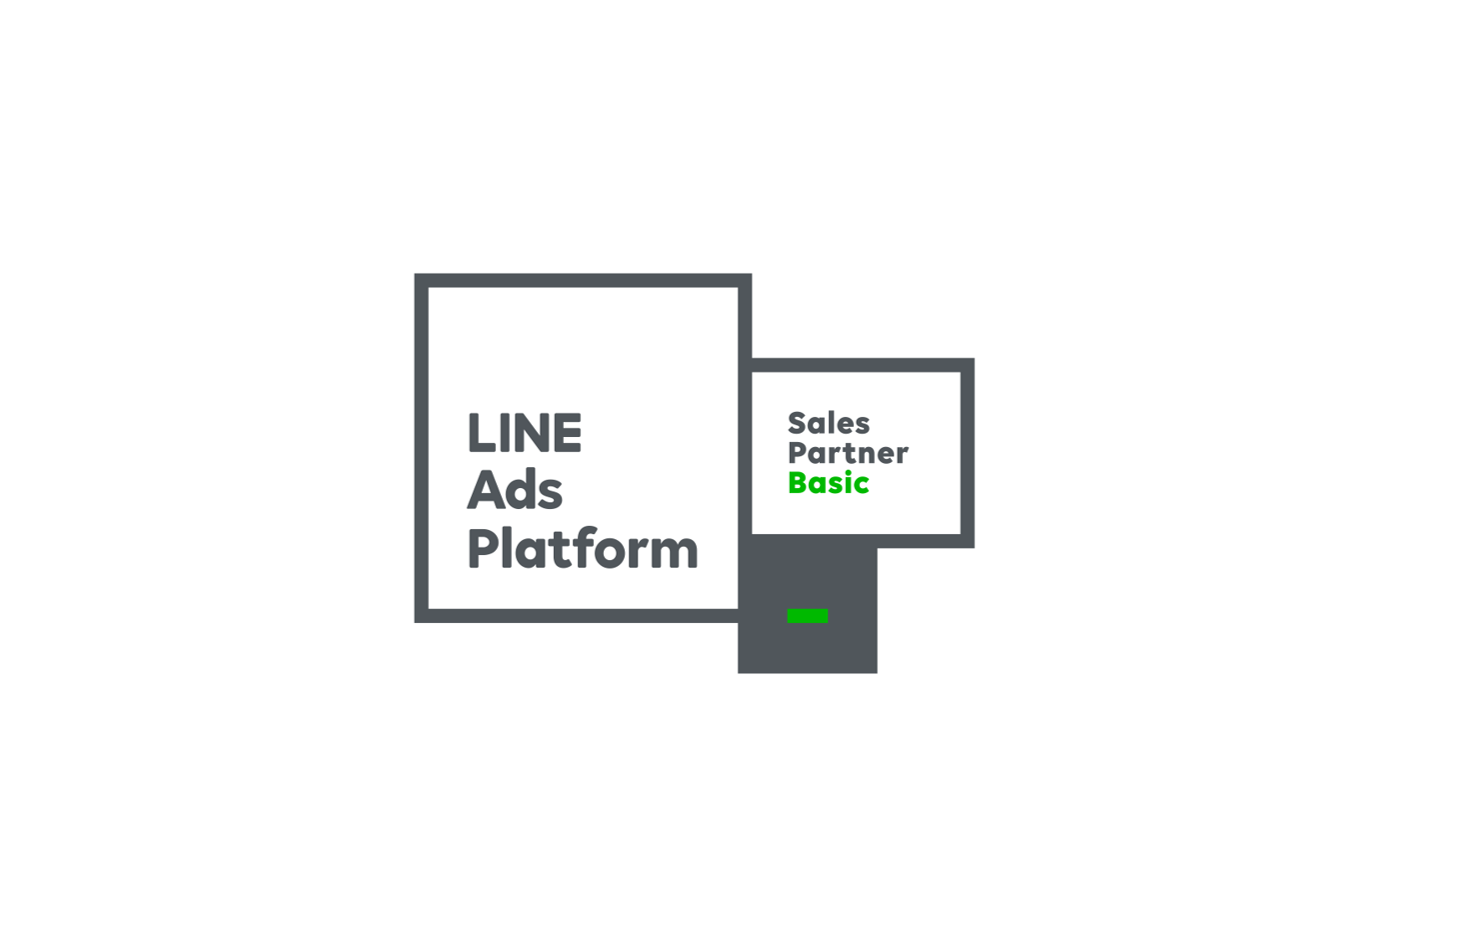 LINEの運用型広告配信プラットフォーム「LINE Ads Platform」の「Marketing Partner Program」において、 「Sales Partner」の「Basic」に認定されました